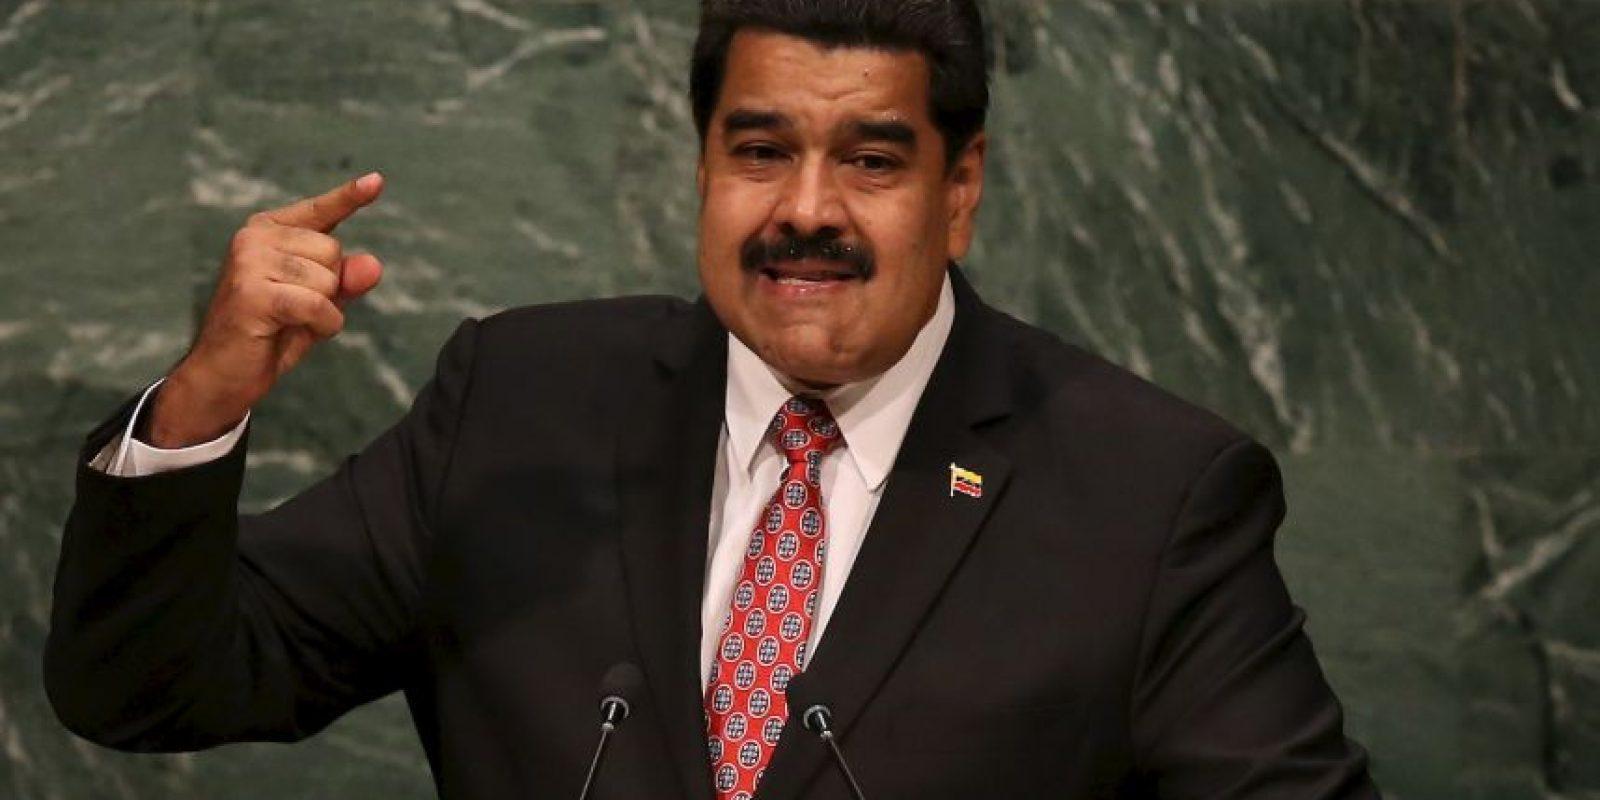 La Asamblea Nacional de Venezuela inició un proceso de investigación para confirmar la nacionalidad de Nicolás Maduro. Foto:Getty Images